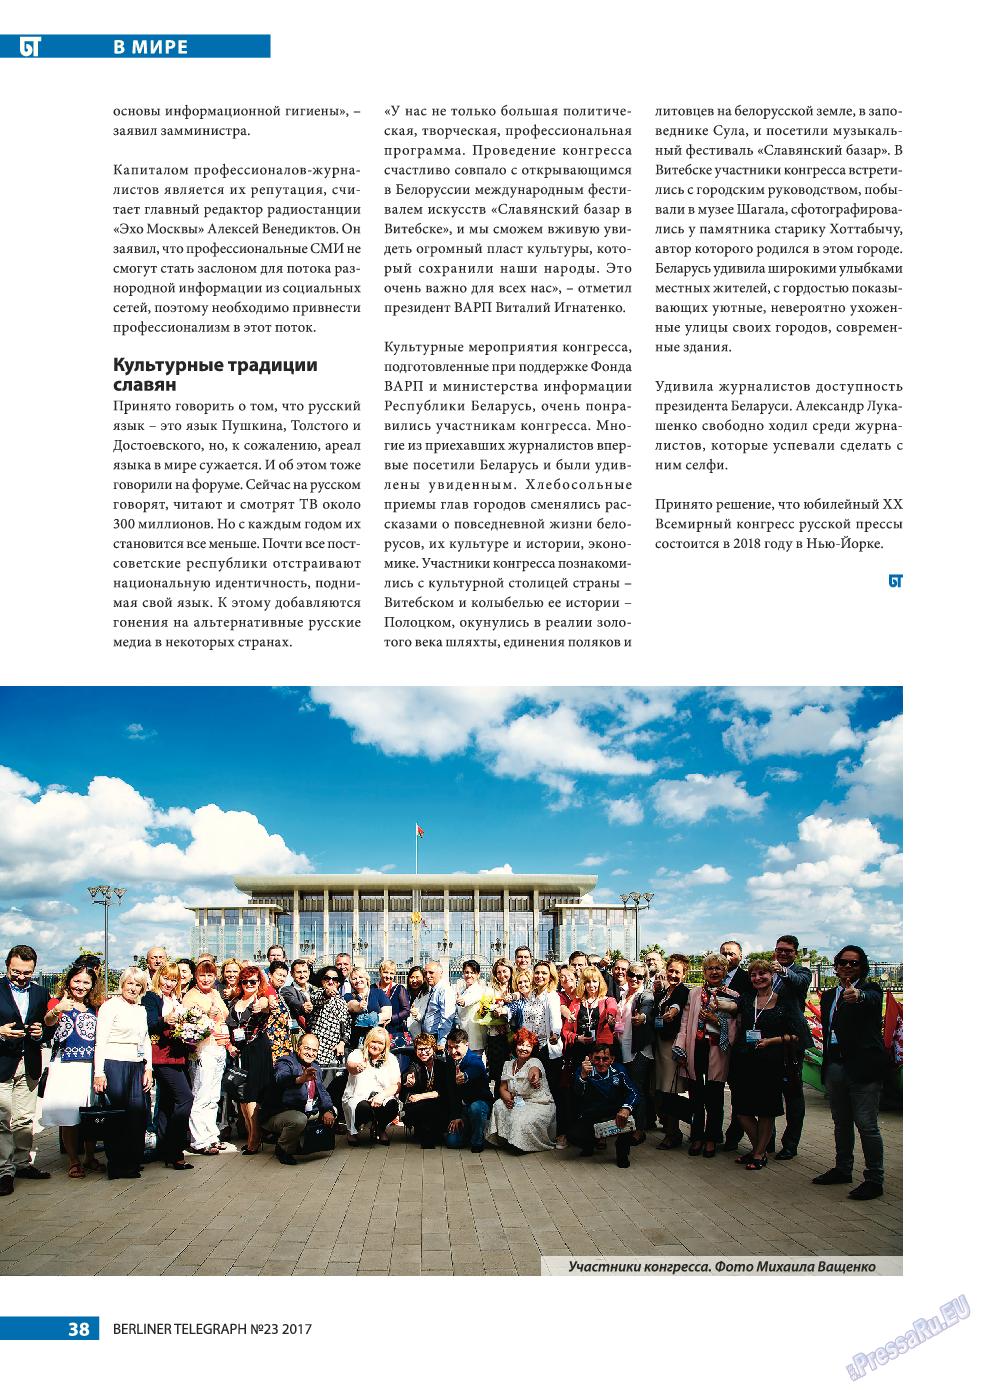 Берлинский телеграф (журнал). 2017 год, номер 23, стр. 38